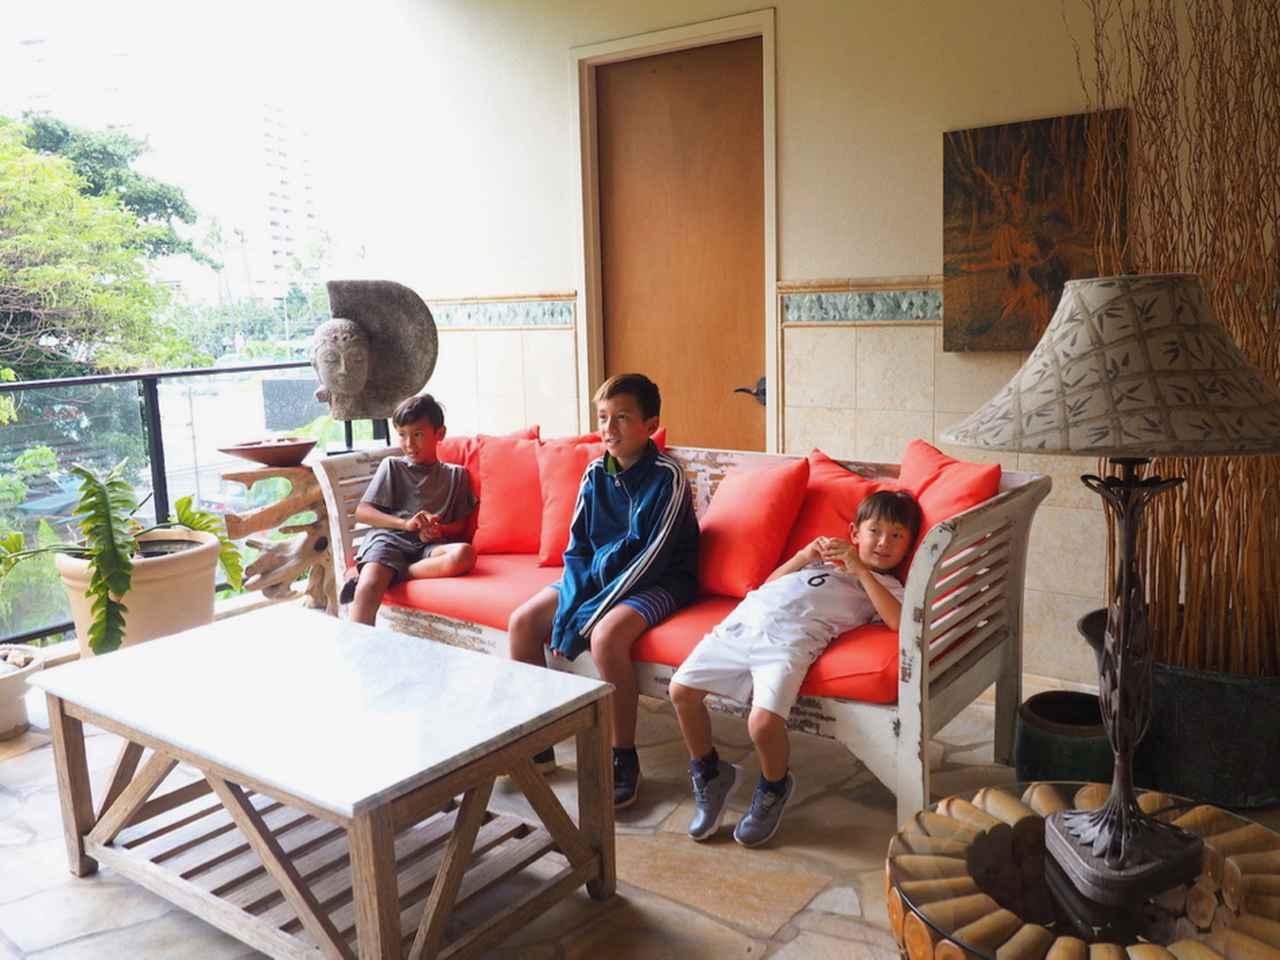 画像2: 高級コンドミニアムの部屋を紹介。広々とした寝室やキッチン